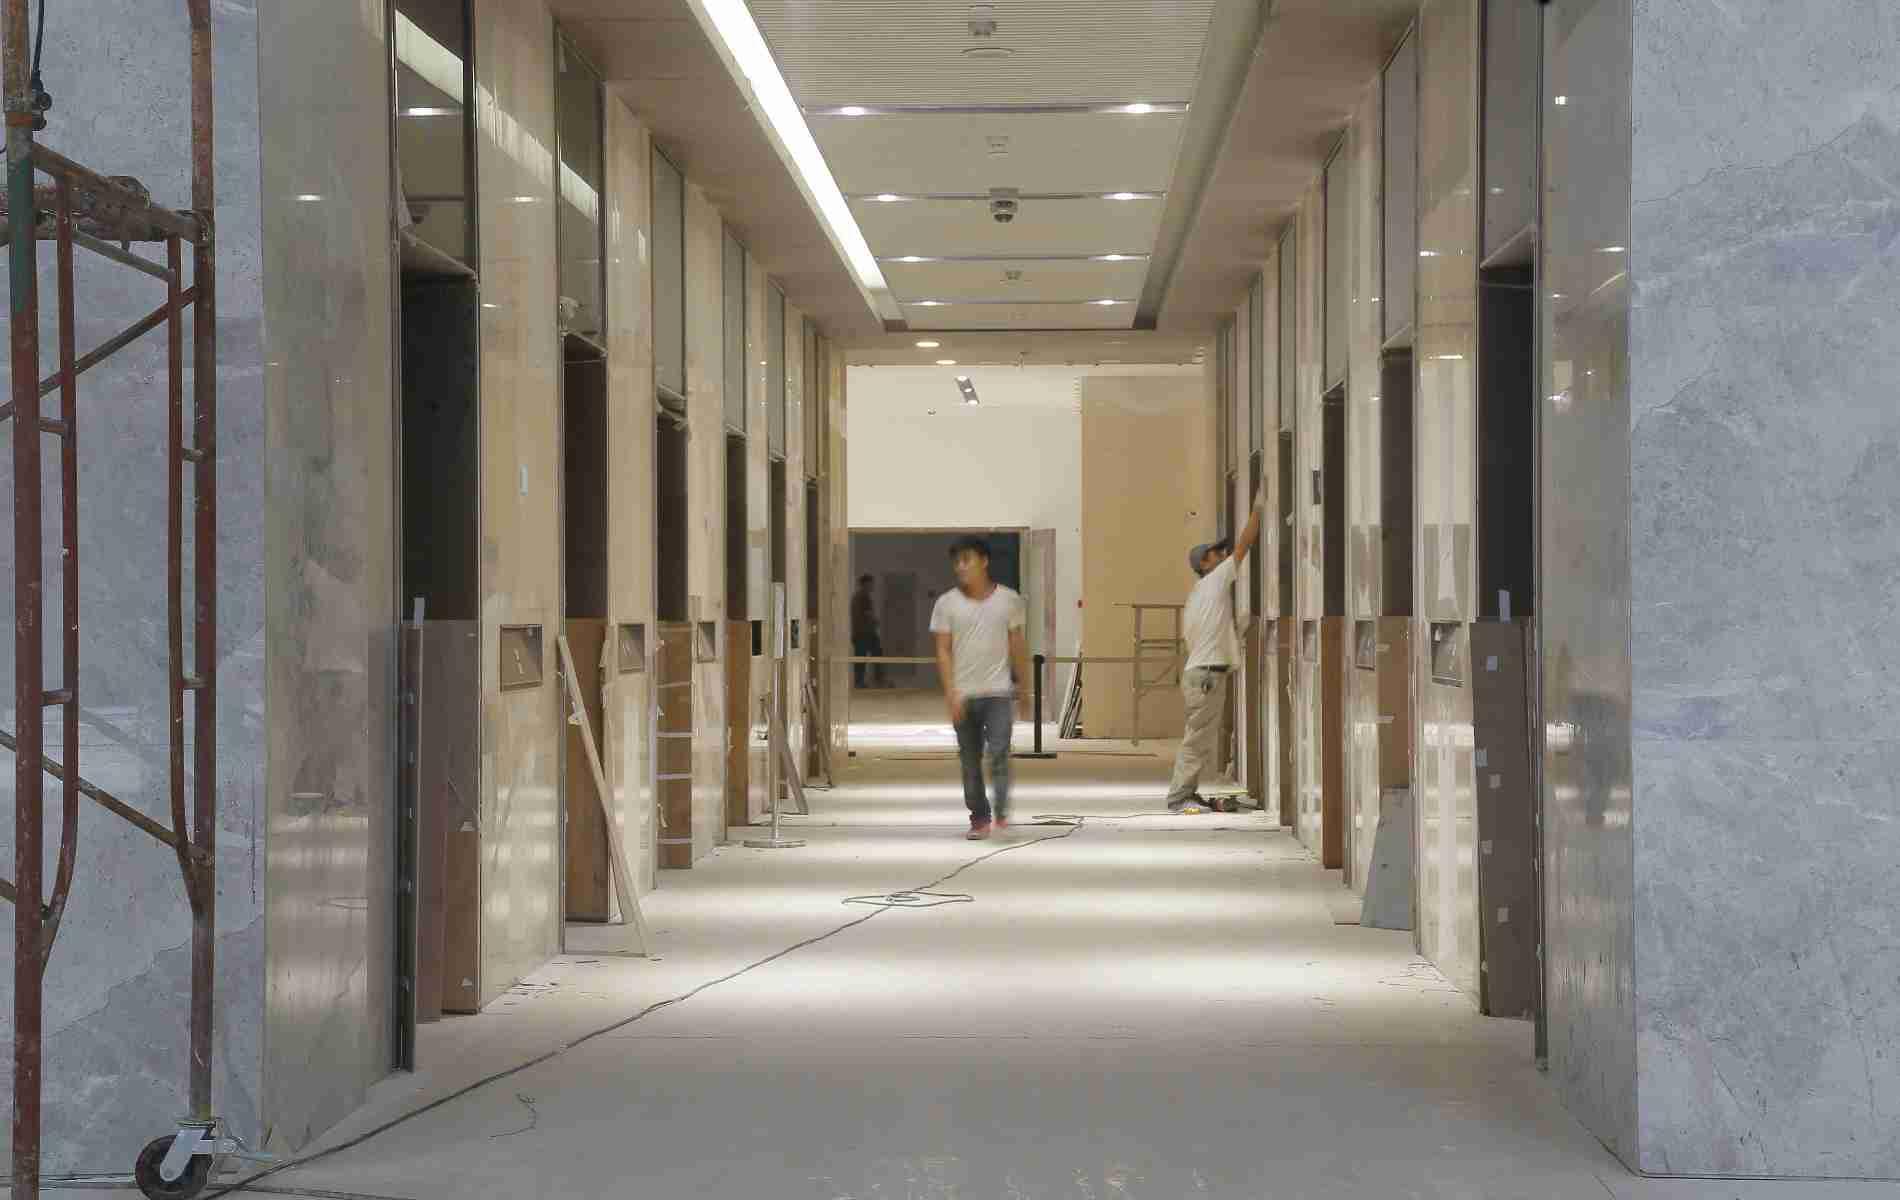 丽丰中心写字楼出租/招租/租赁,丽丰中心办公室出租/招租/租赁